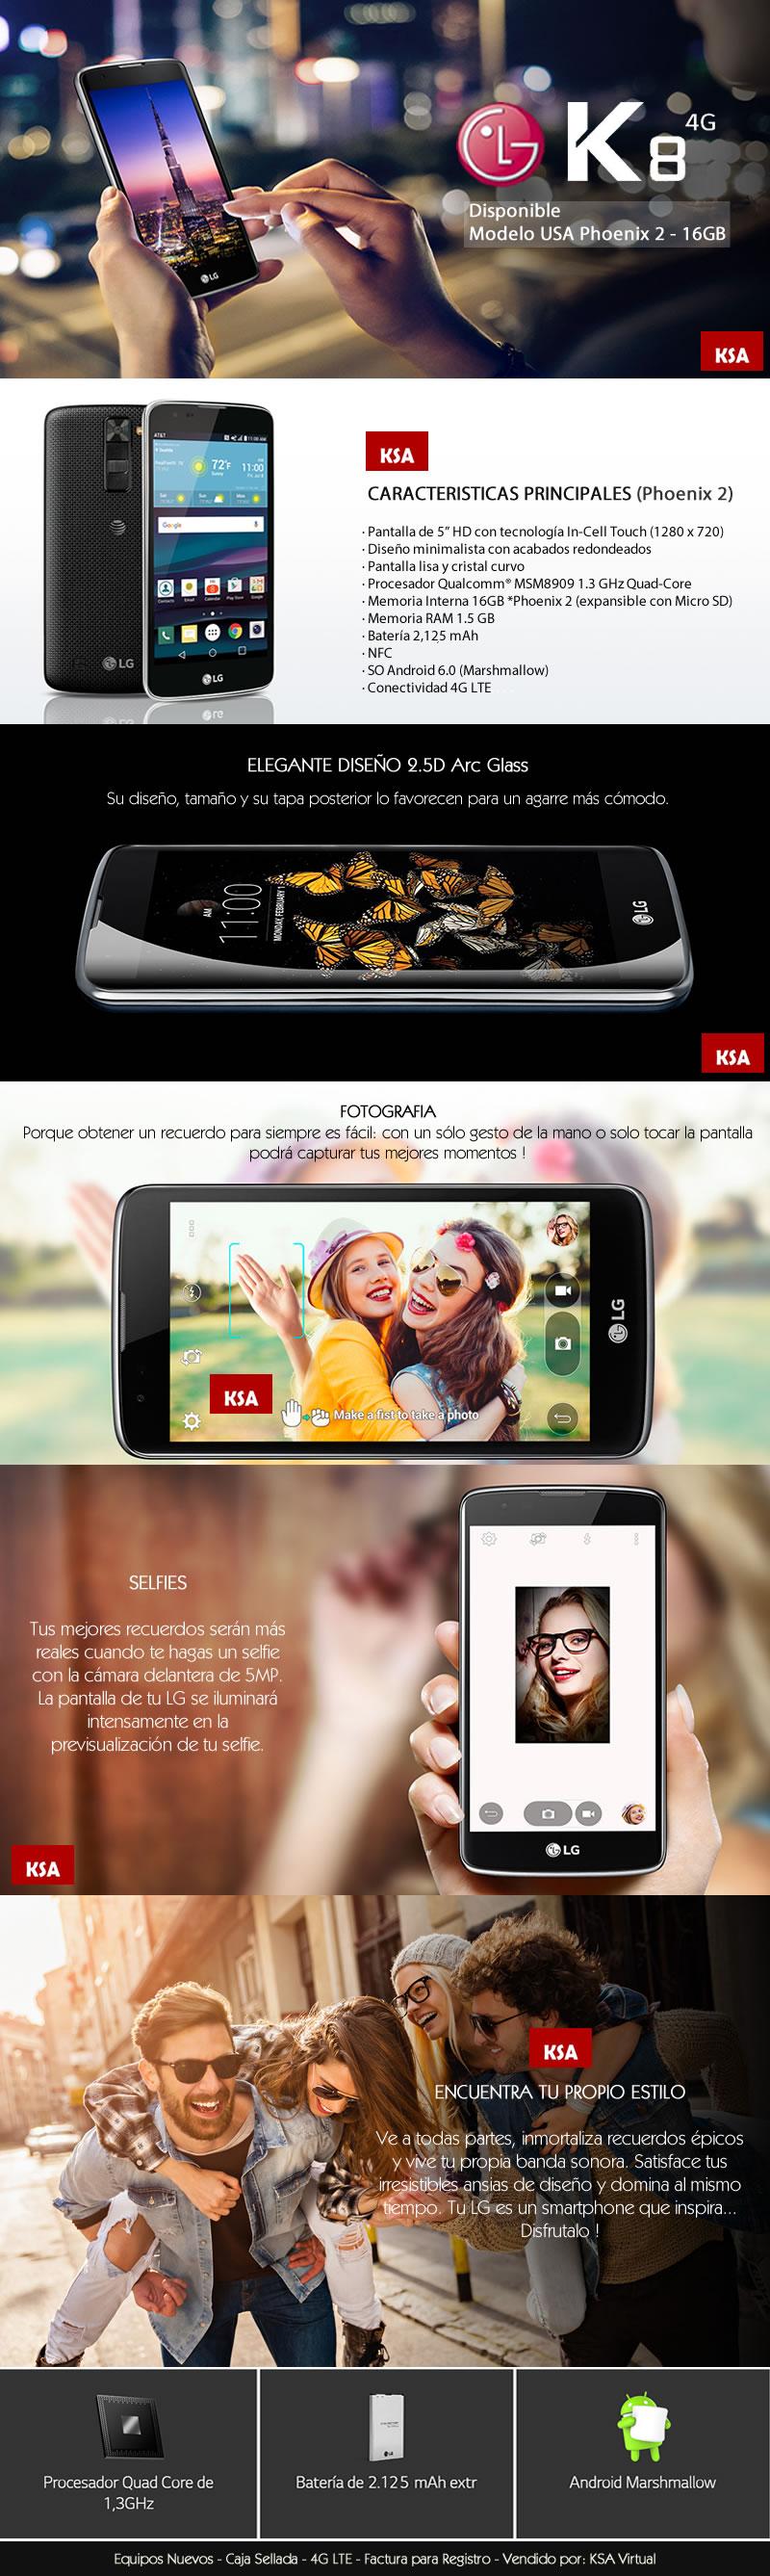 LG K8 - KSA 0.jpg